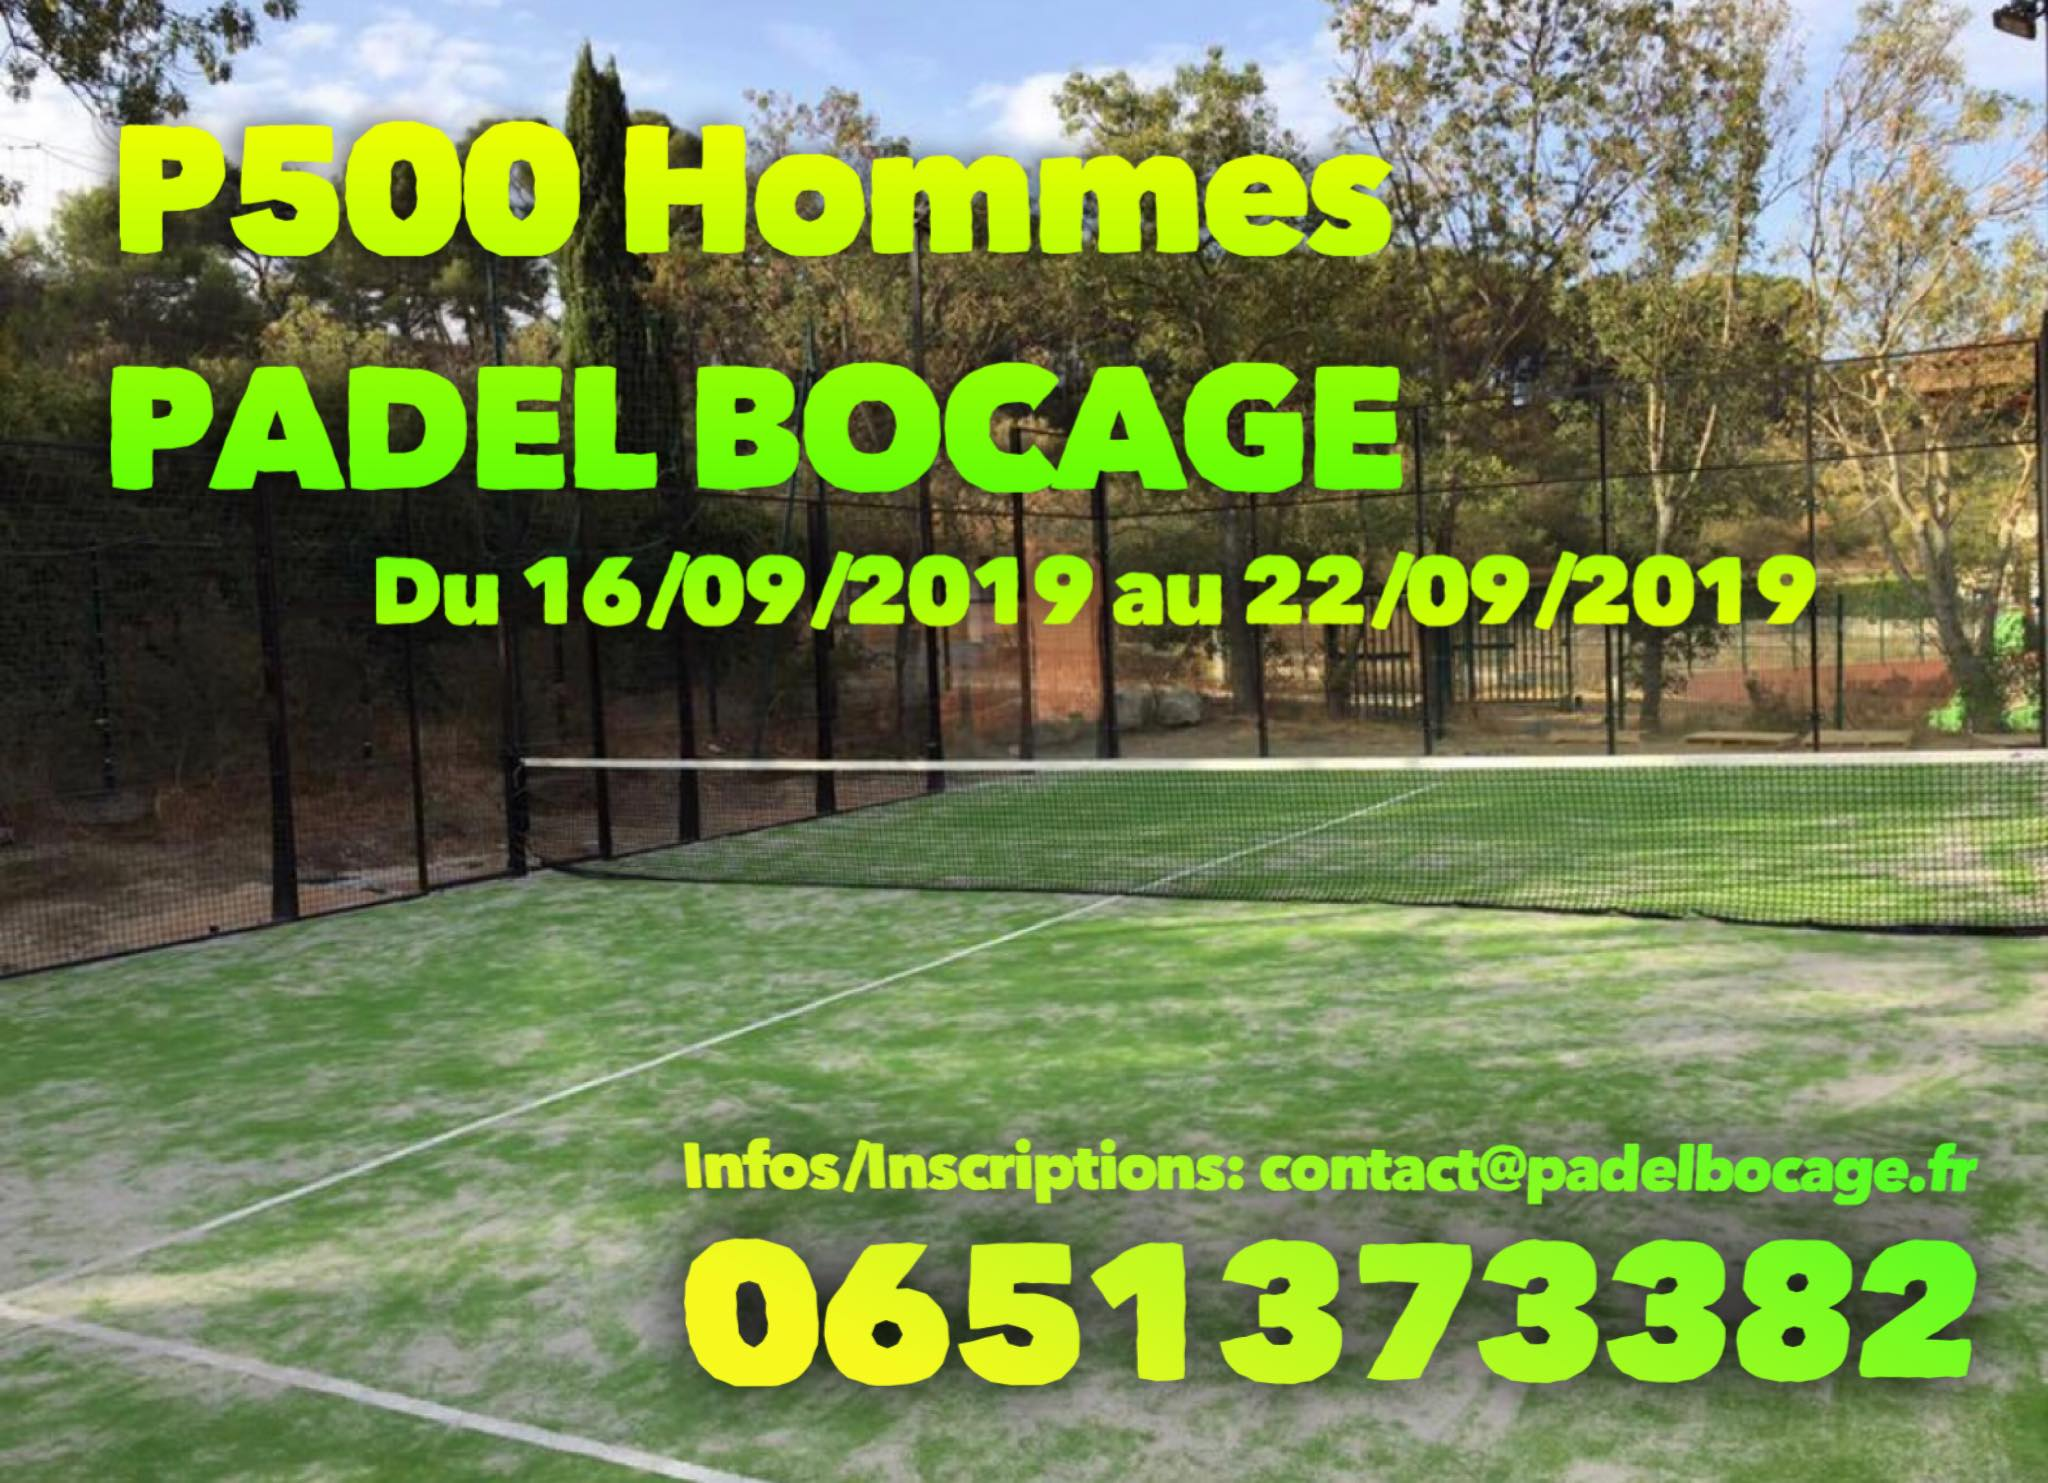 P500 - Padel Bocage - od 16 do 22 września 2019 r